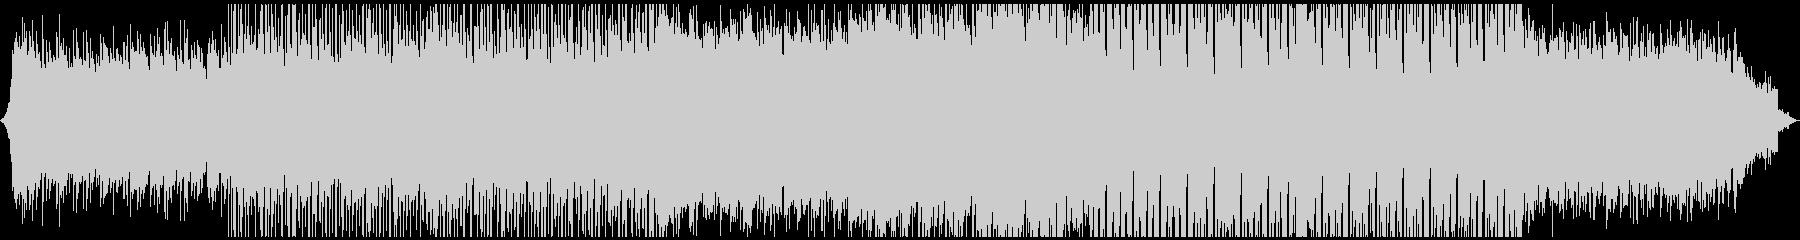 アコギがノスタルジックなトロピカルハウスの未再生の波形